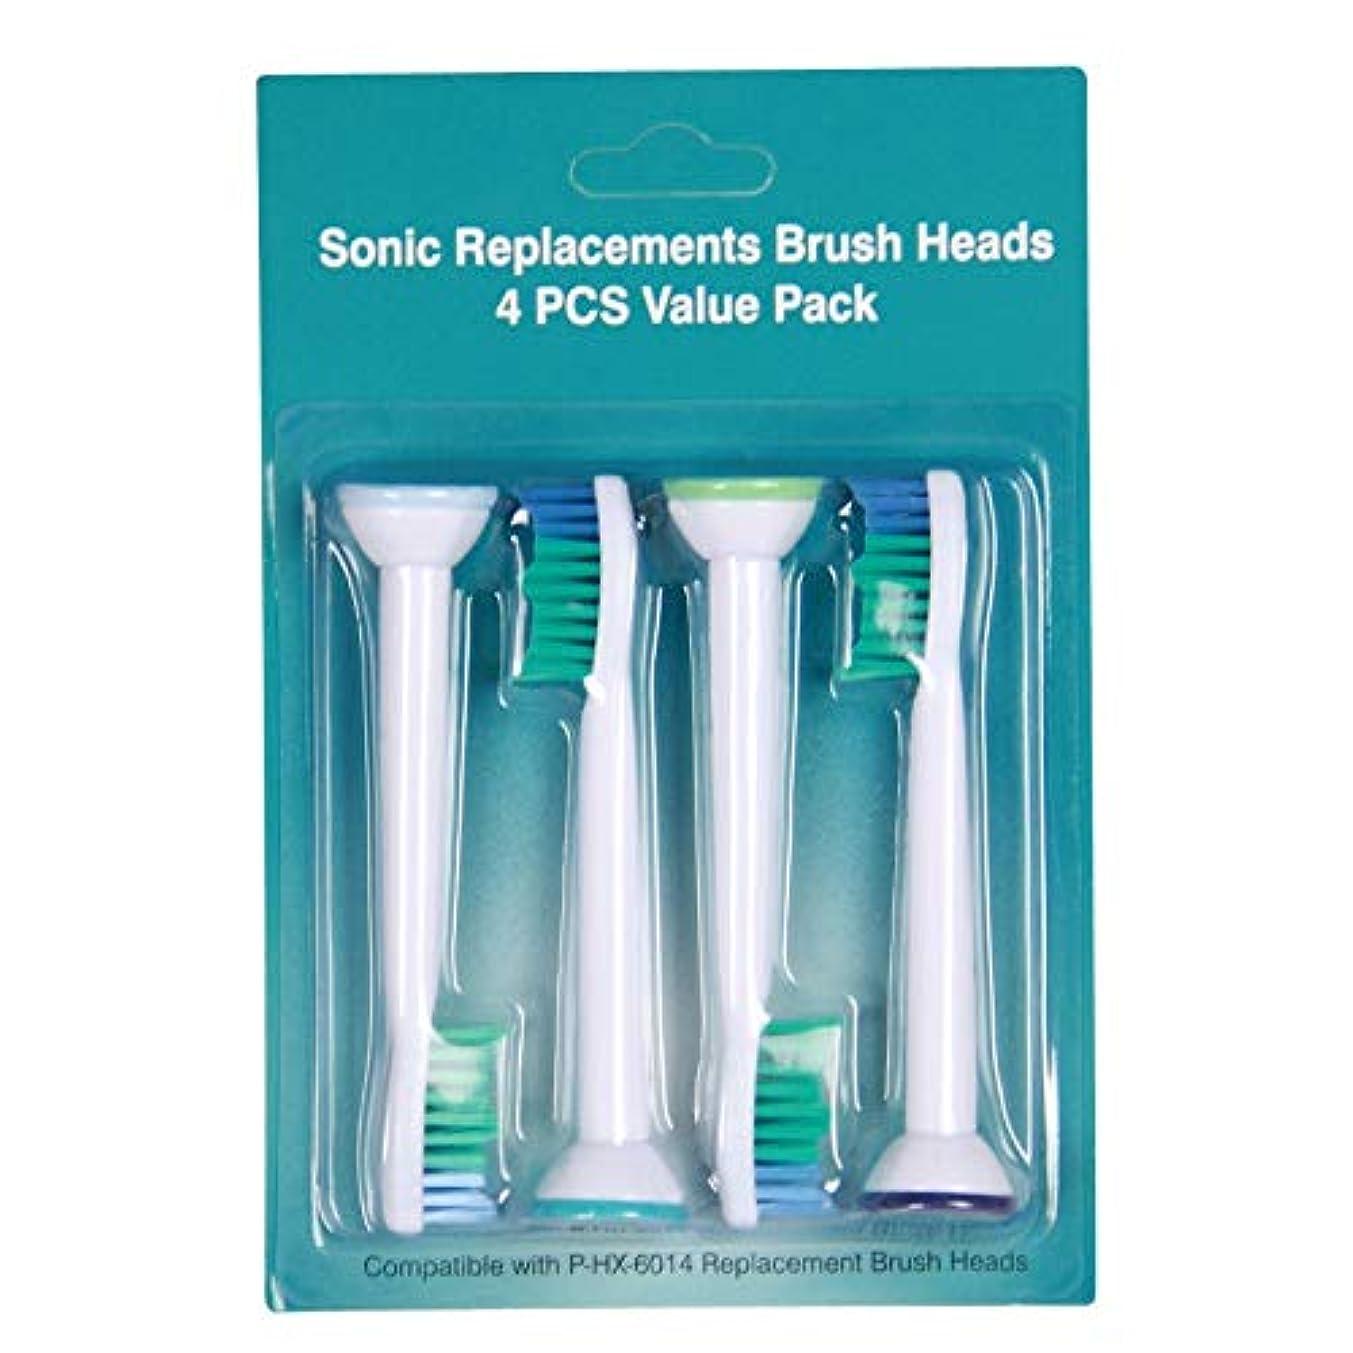 バランス結果として原始的なJicorzo - フィリップスソニッケアー電動歯ブラシ4本衛生ケアクリーン用NewView交換電動歯ブラシのヘッド